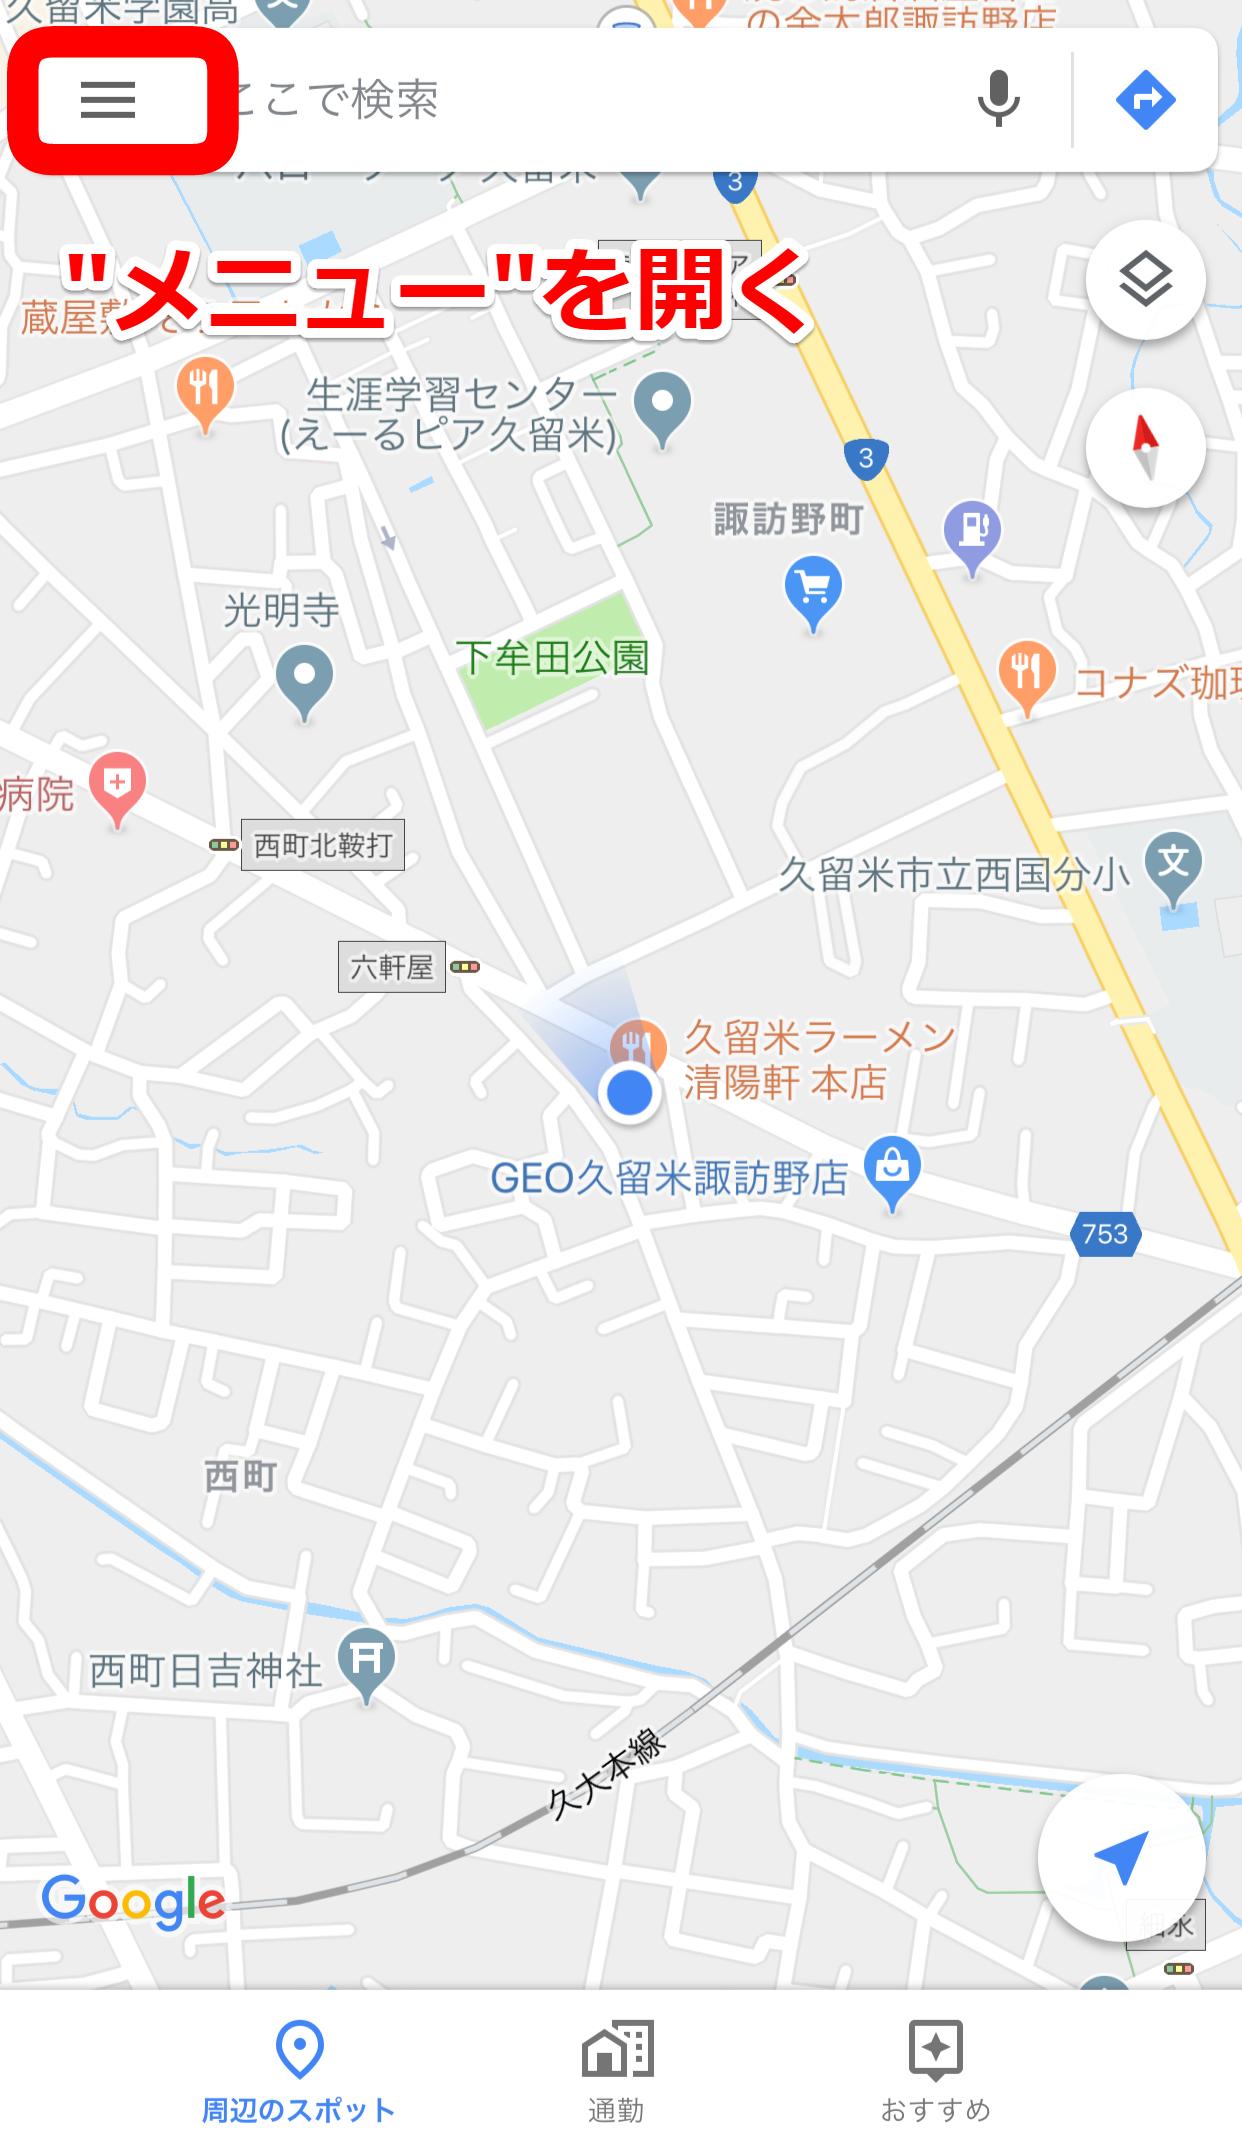 グーグルマップの地図を修正する方法